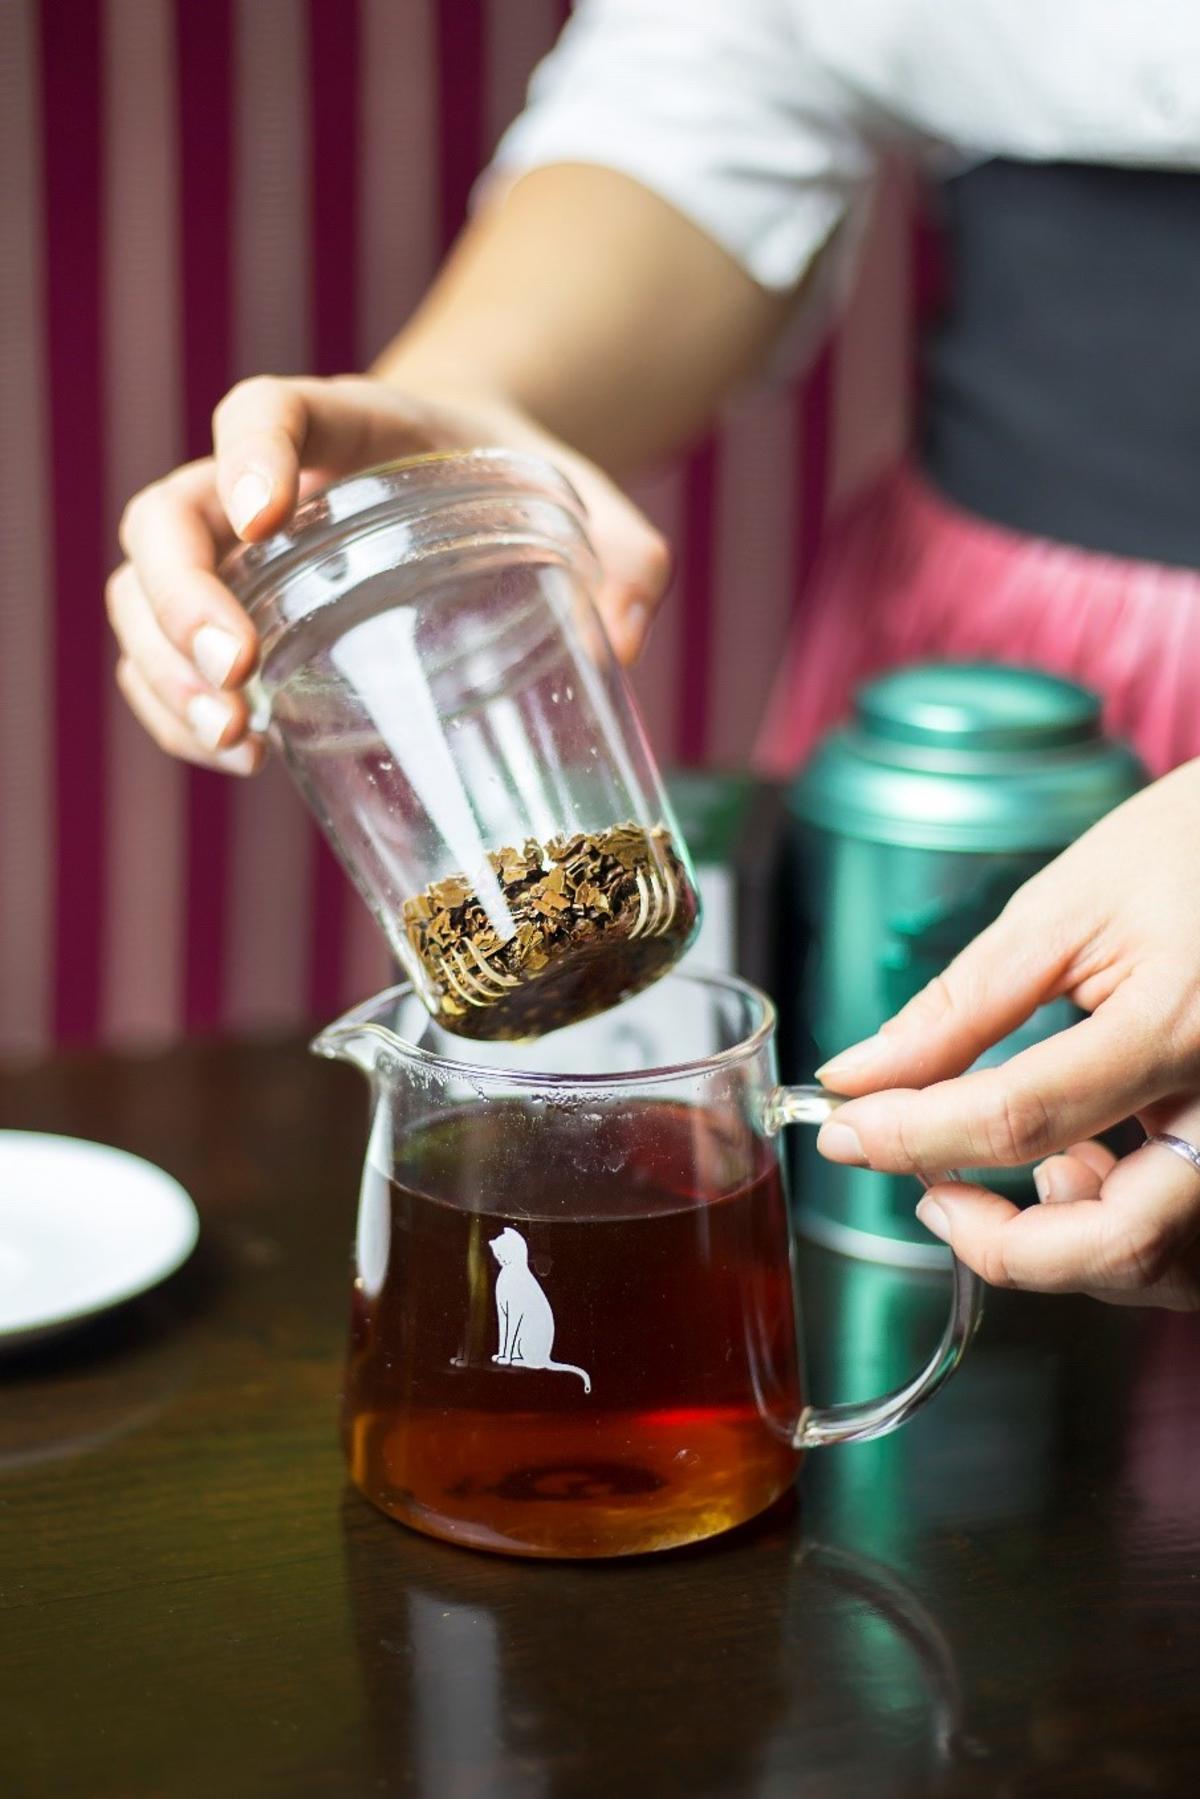 It's tea time! La cerimonia del tè all'inglese secondo Babingtons